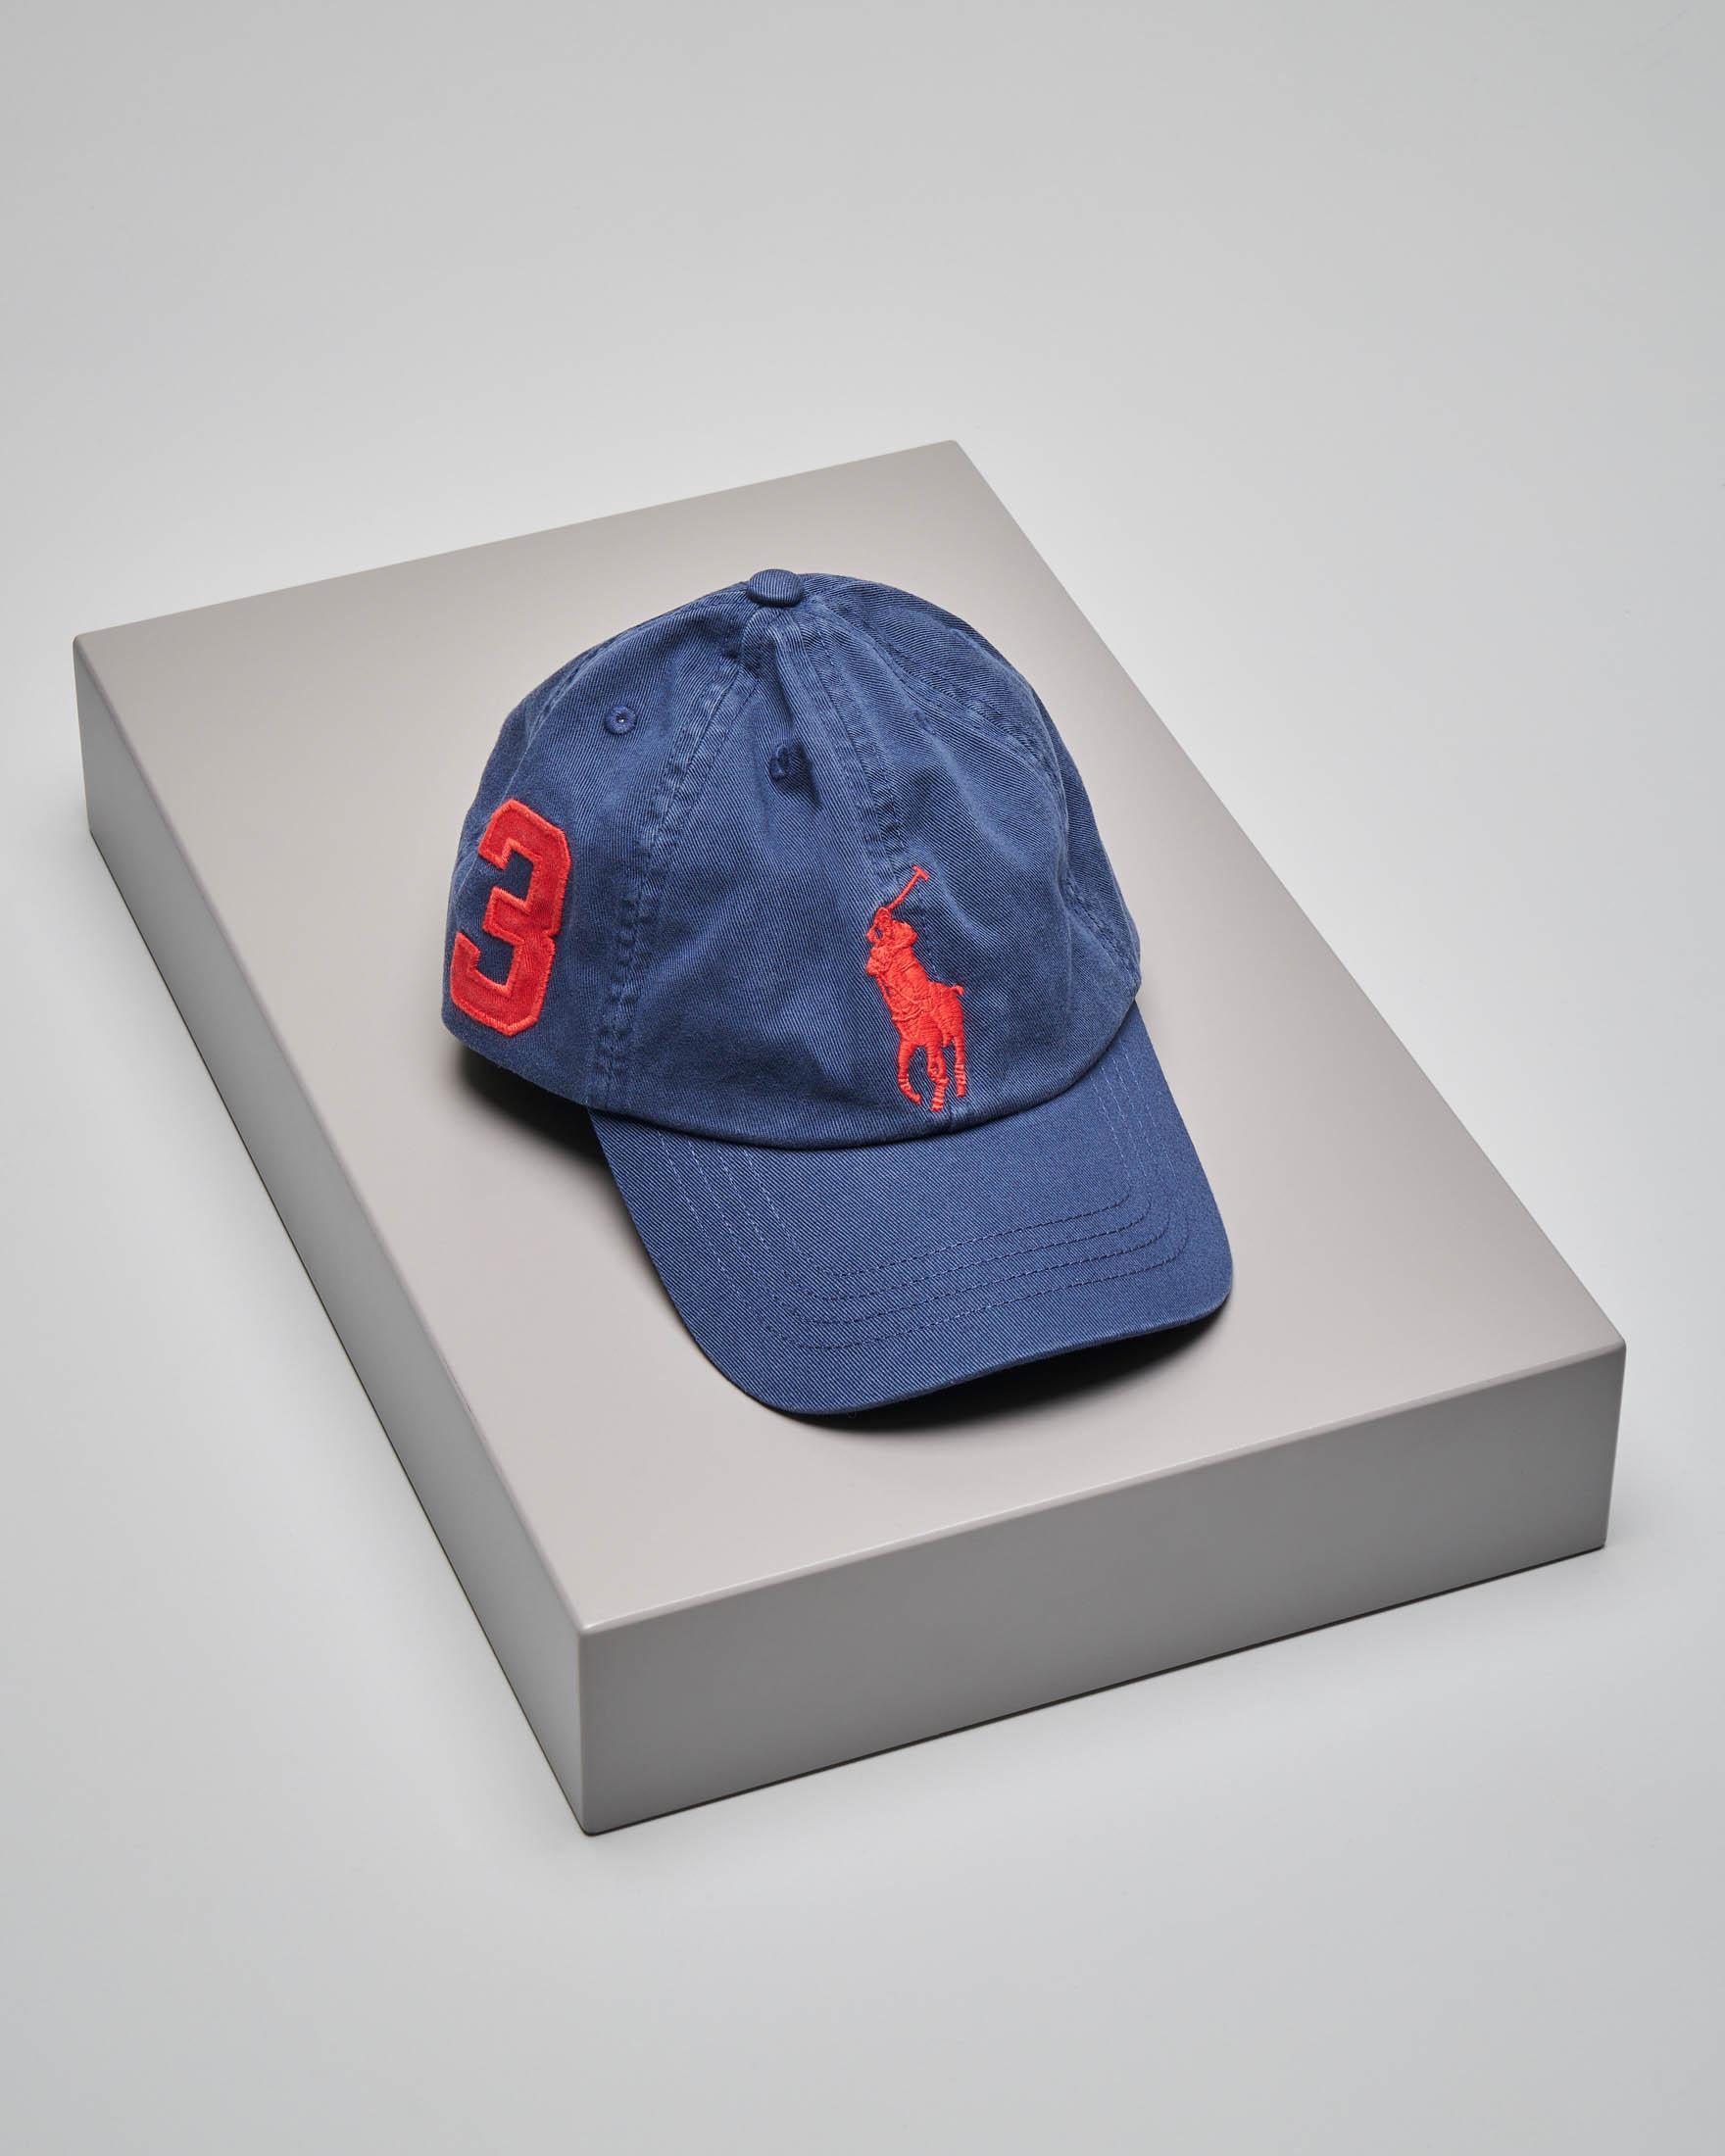 Cappellino blu con logo big pony